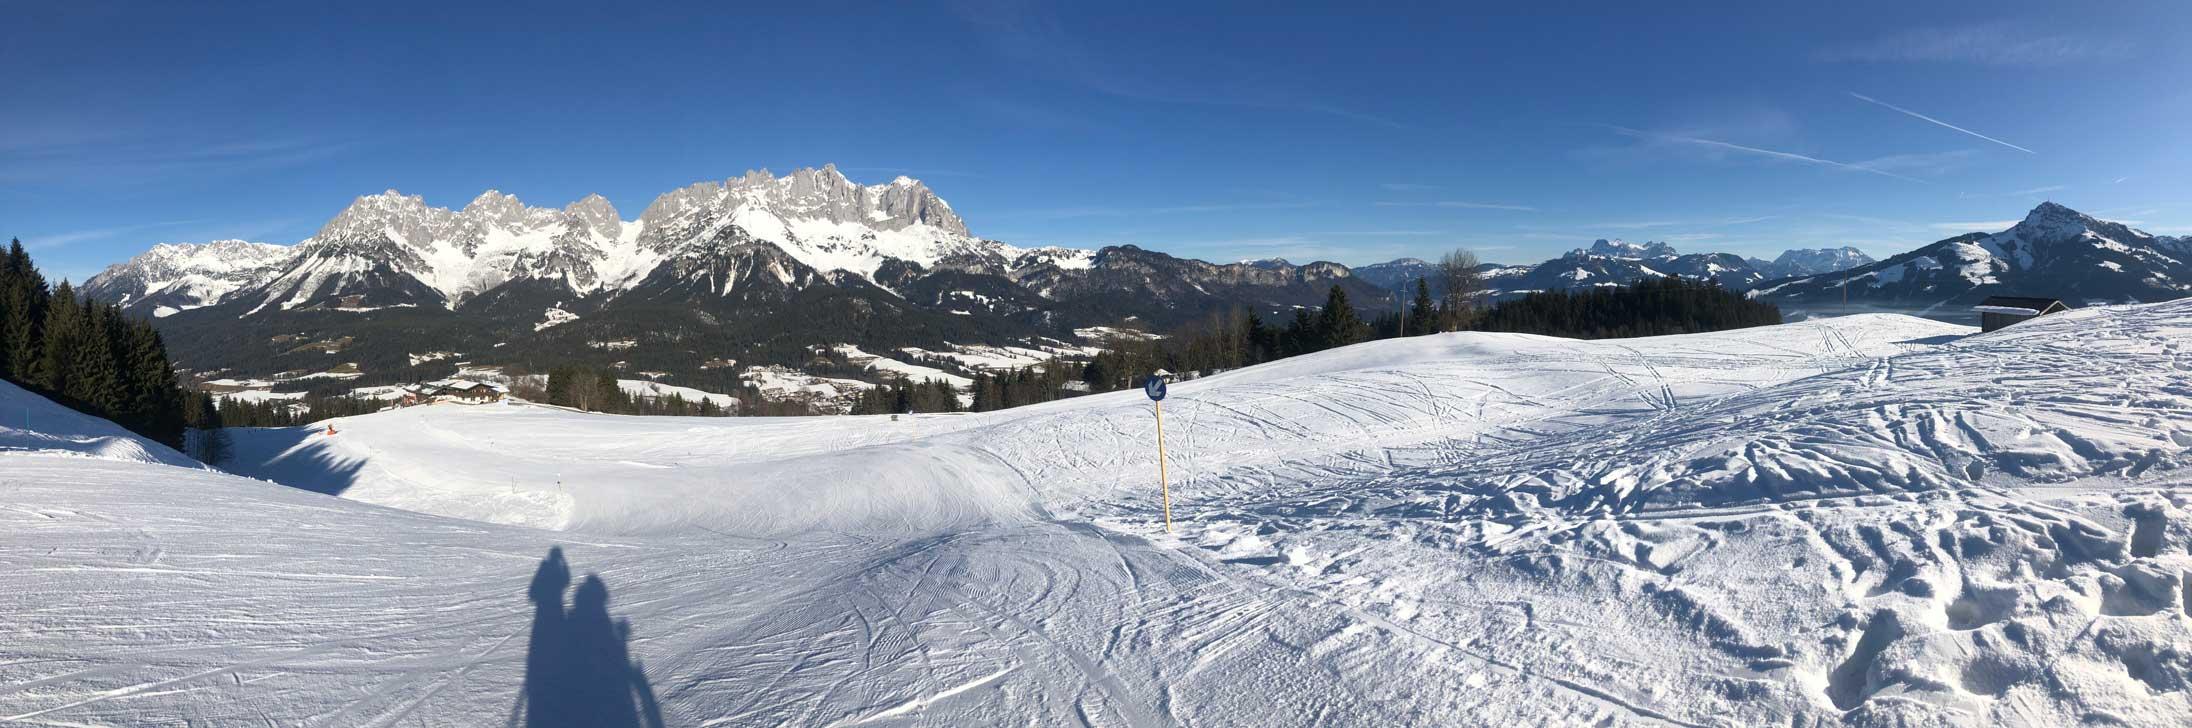 skifahren-panorama-wilder-kaiser